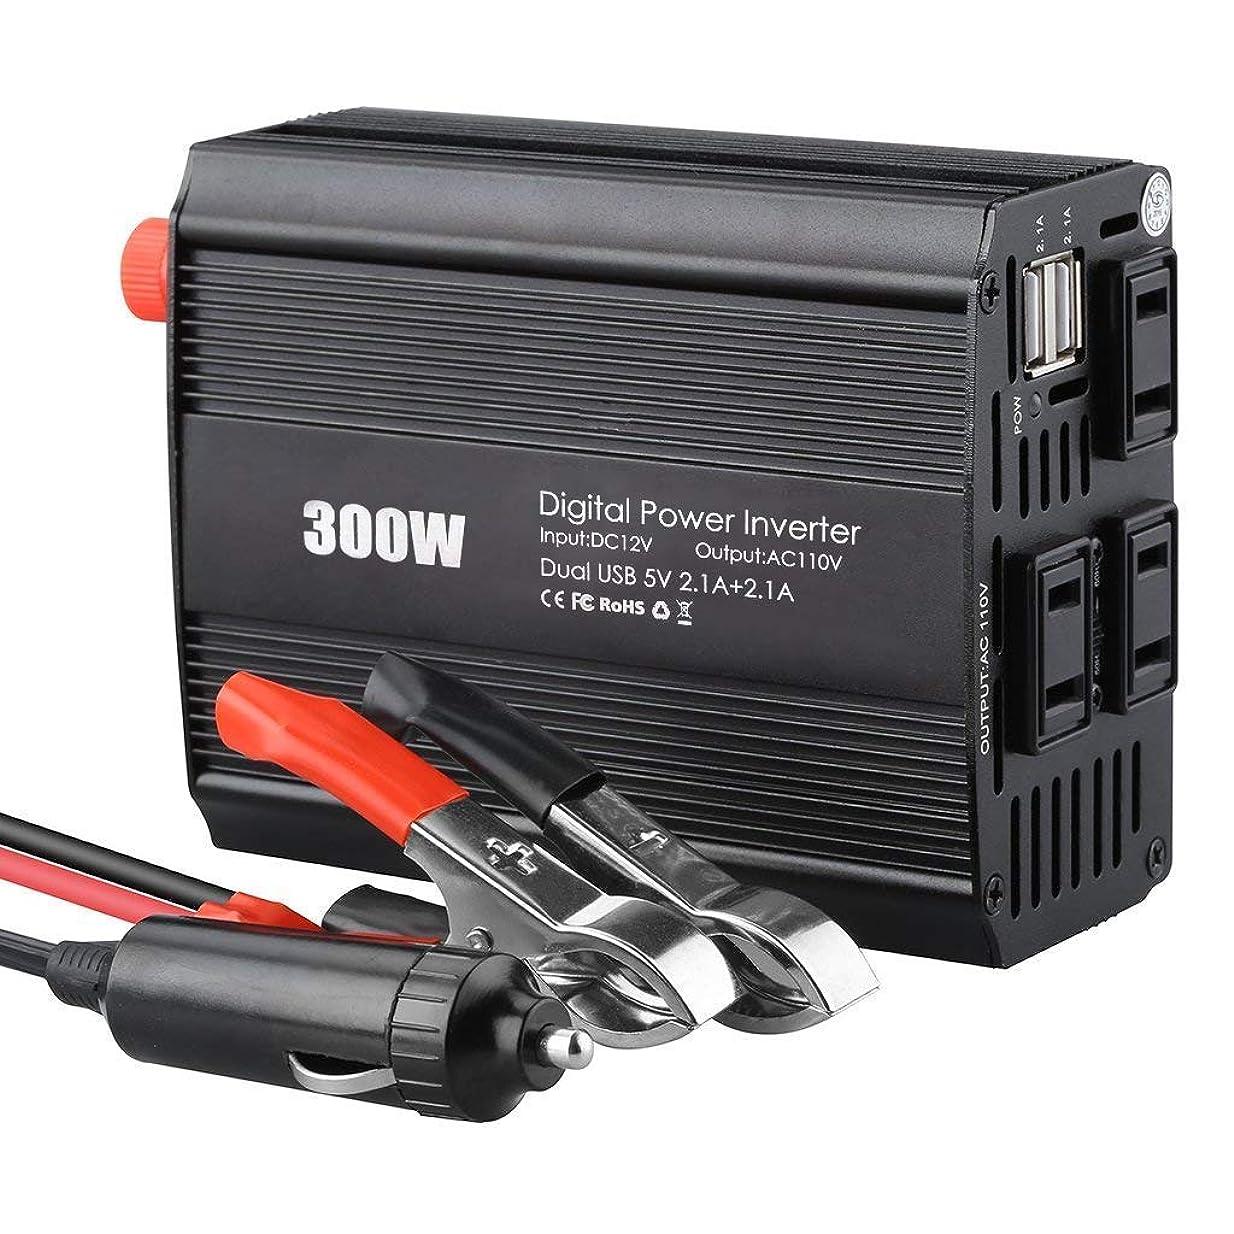 靴結晶評議会SUNOKY カーインバーター 300W 車載充電器 保護機能搭載 DC12VをAC110Vに変換 50Hz/60Hz切替可 ACコンセント3口 USB2ポート パソコン スマホ 防災用品などに (ブラック)